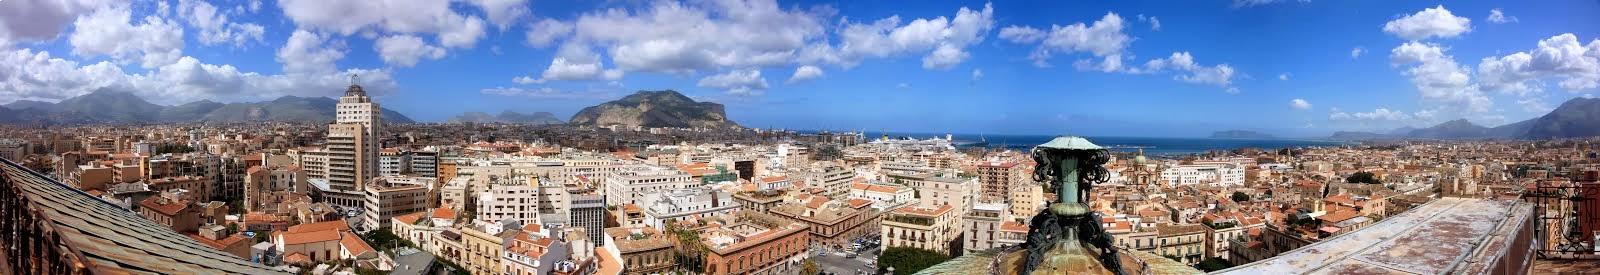 Sicilia,la terra del Sole.